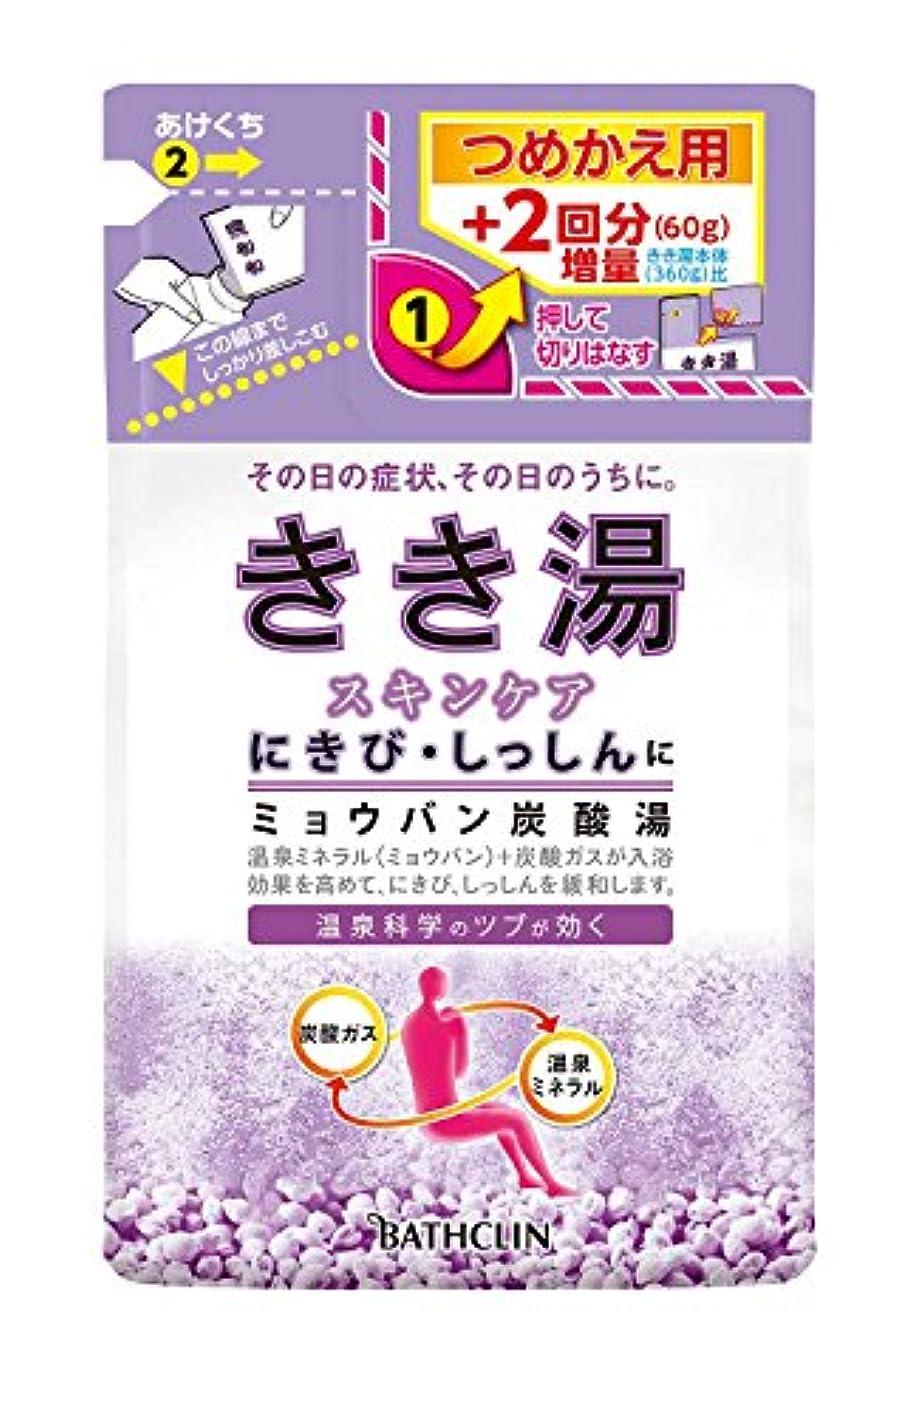 不規則性フラグラント破滅きき湯 ミョウバン炭酸湯 つめかえ用 420g 入浴剤 (医薬部外品)